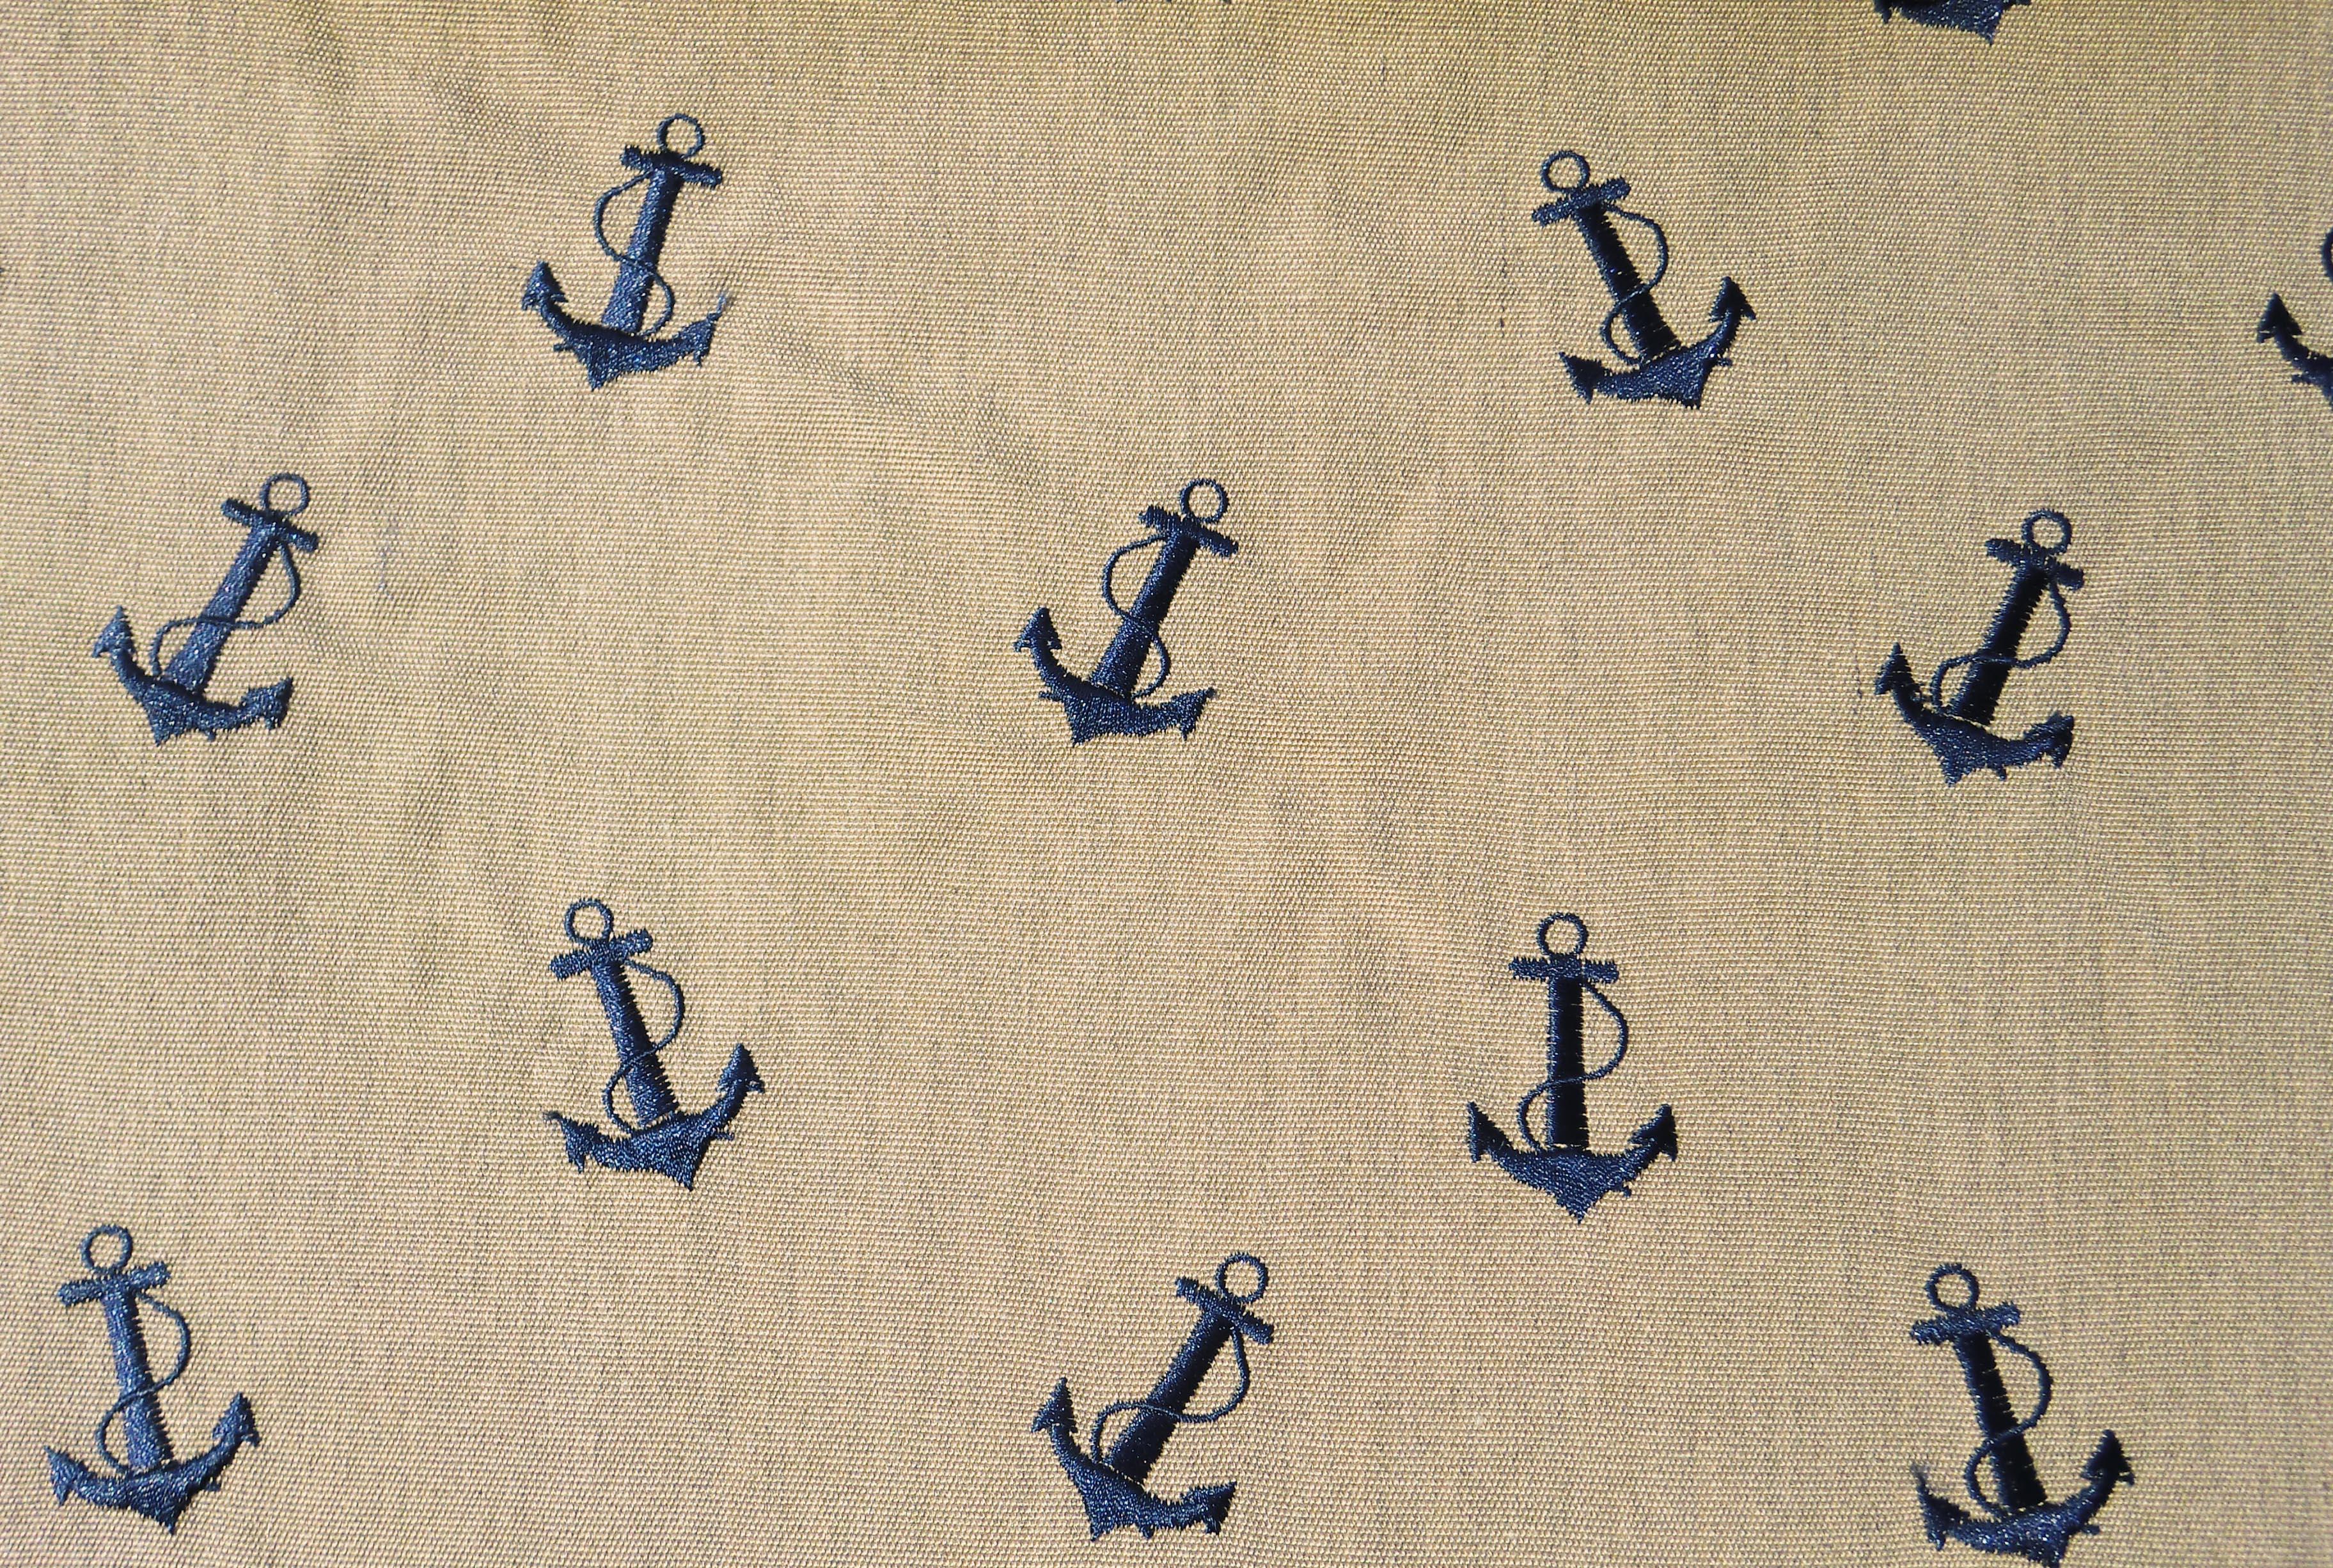 Ralph Lauren Fabrics Upper Deck Embroidery Hemp Search Results